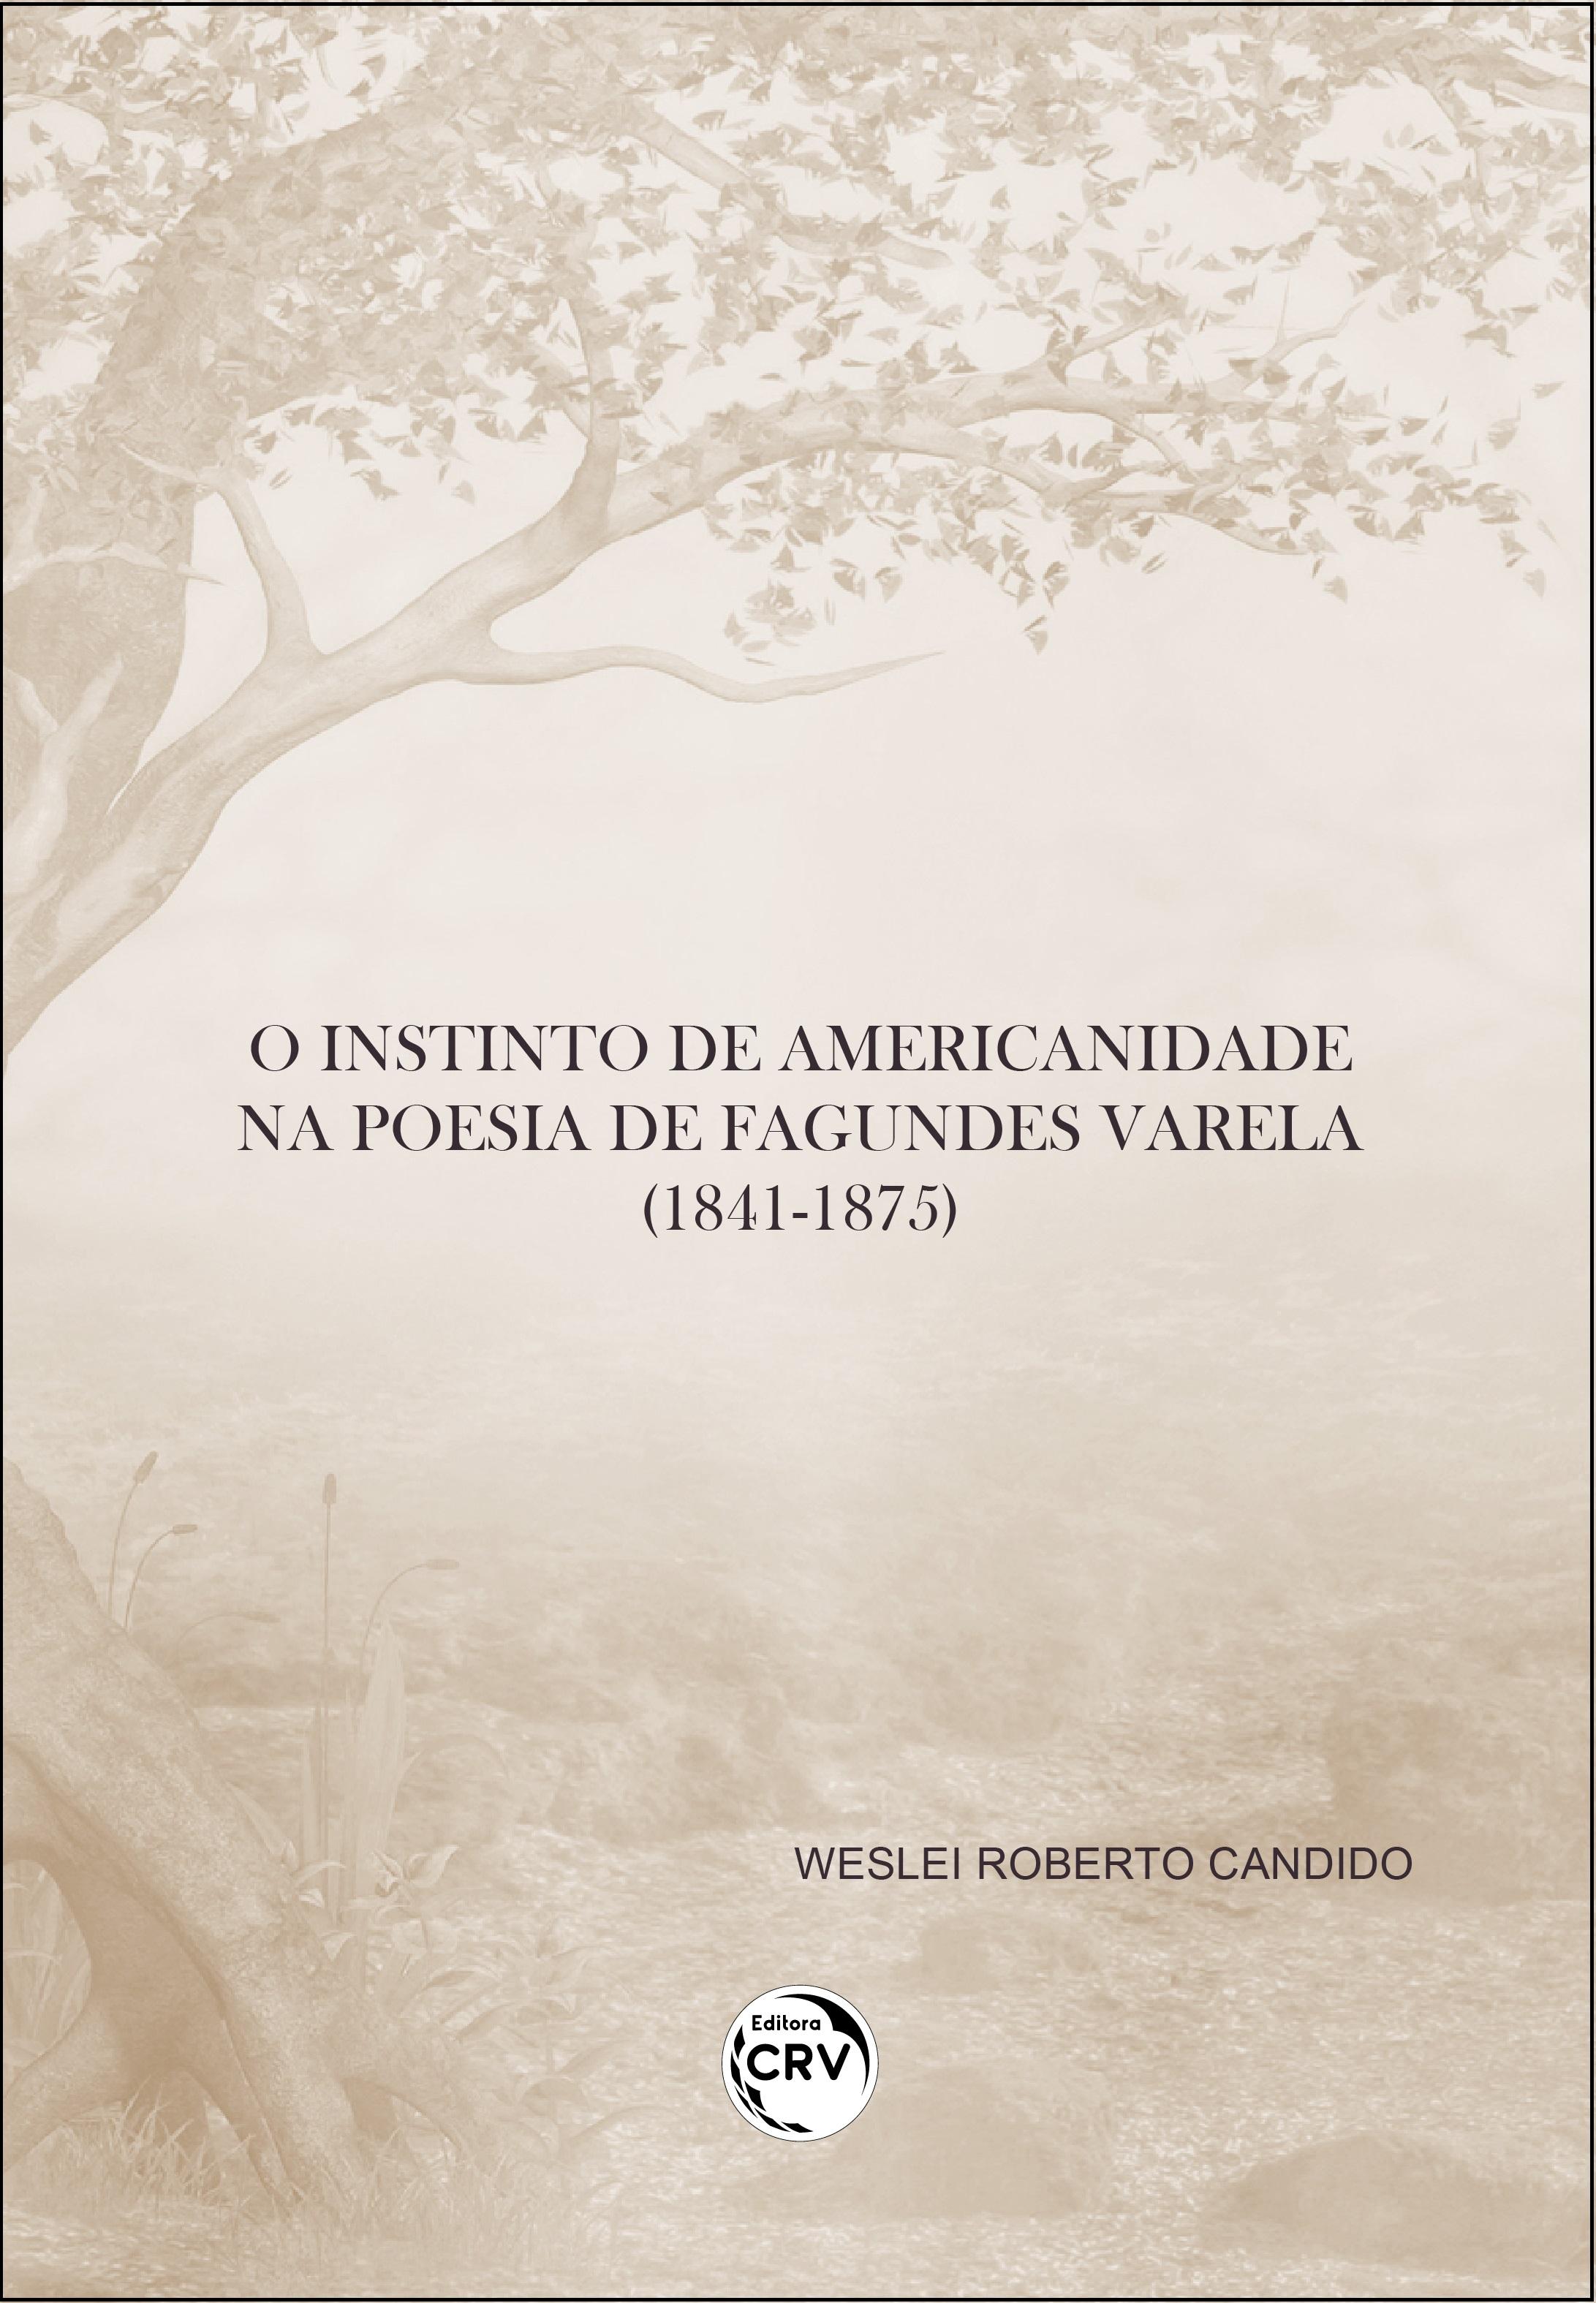 Capa do livro: O INSTINTO DE AMERICANIDADE NA POESIA DE FAGUNDES VARELA (1841-1875)